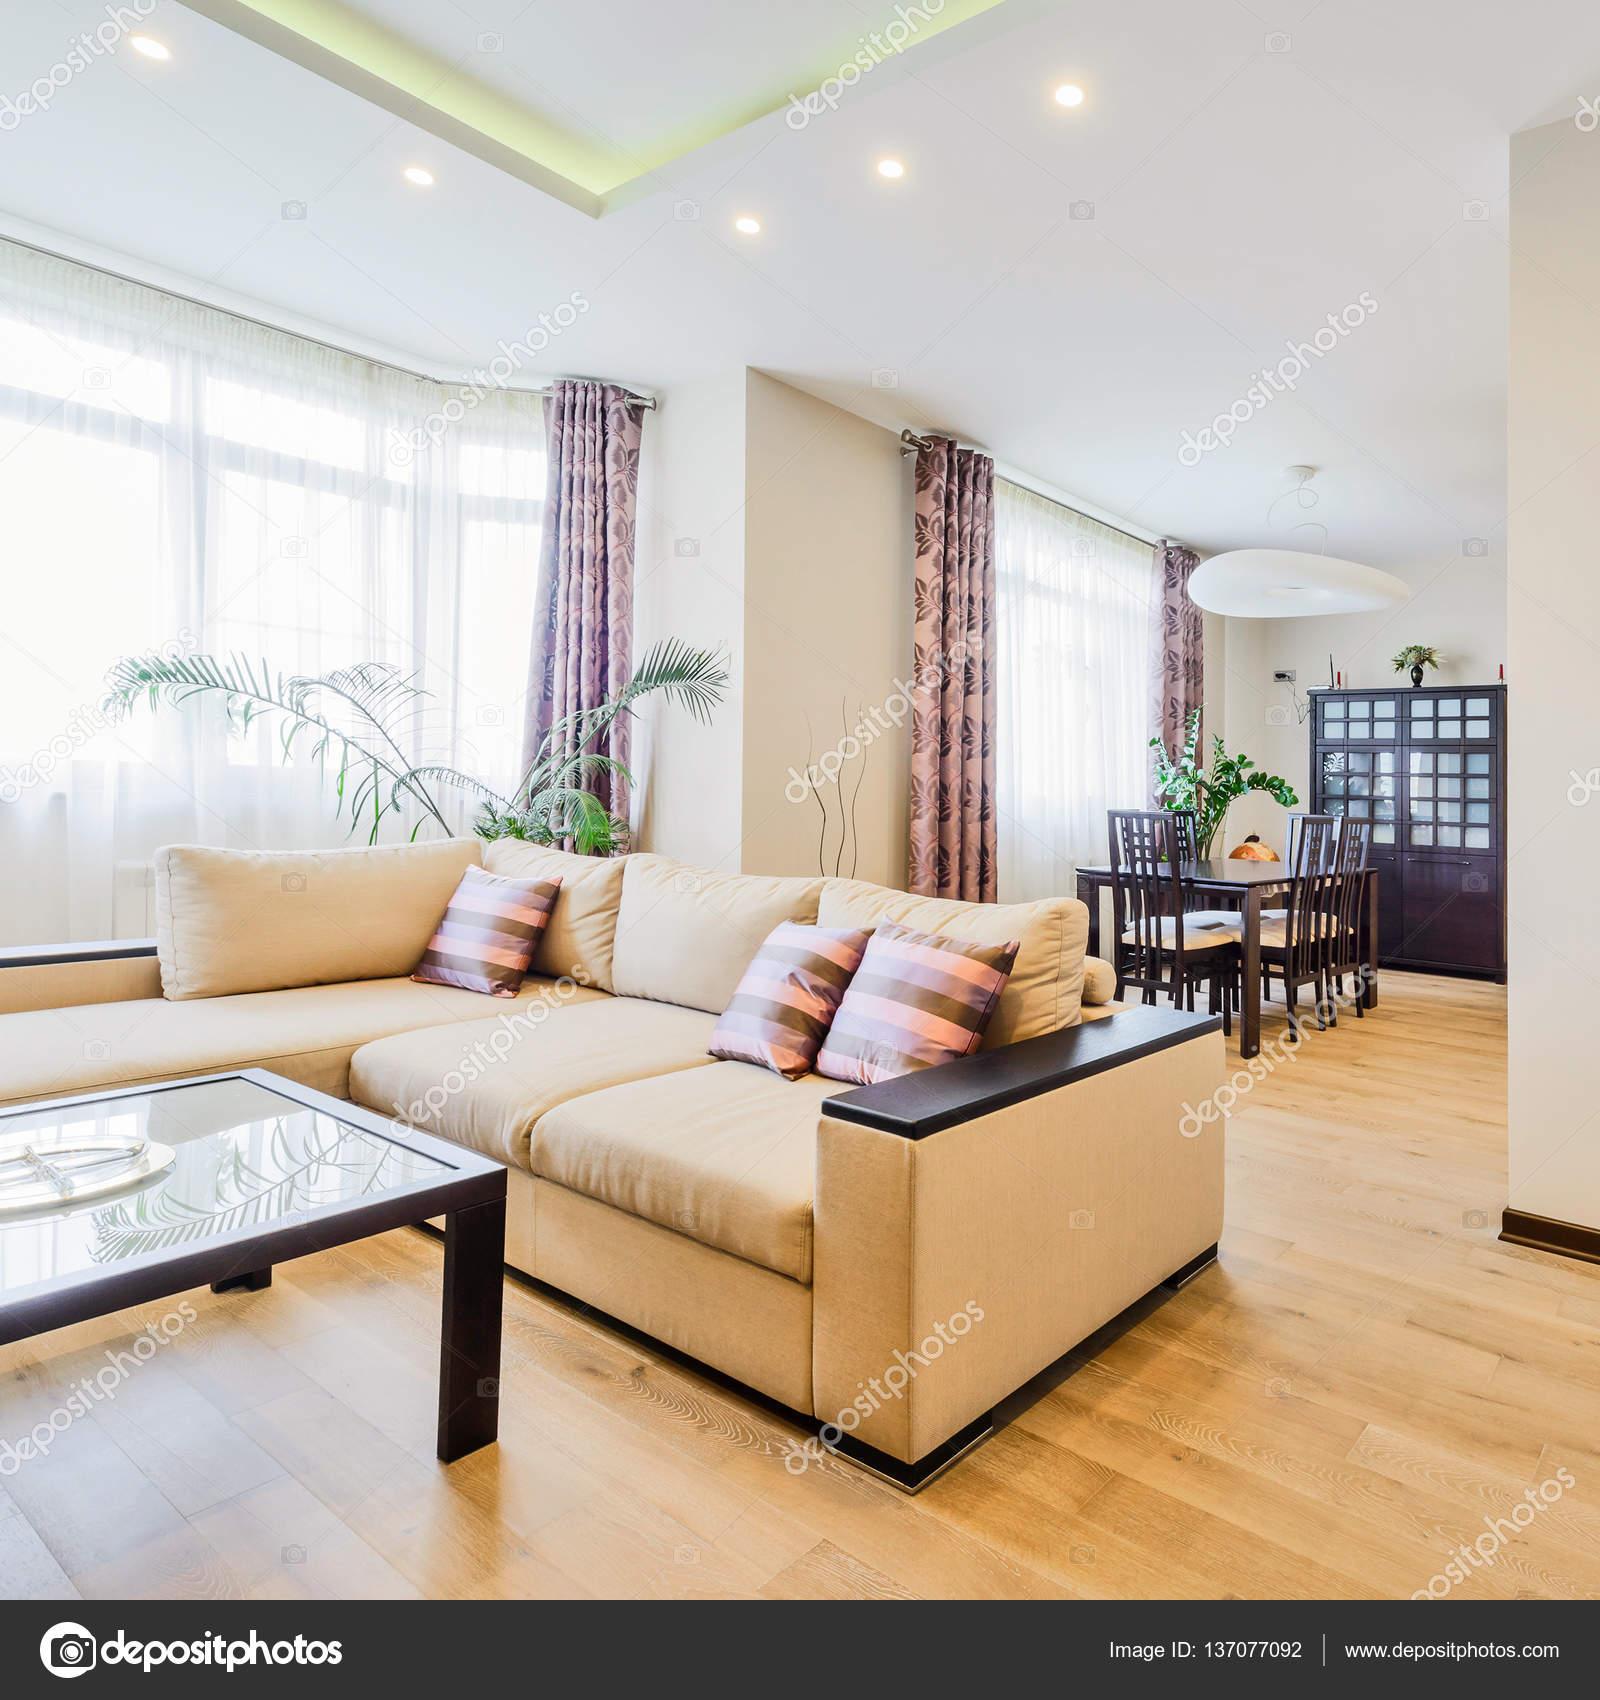 Das Innere Aus Einem Schönen Wohnzimmer Mit Modernen